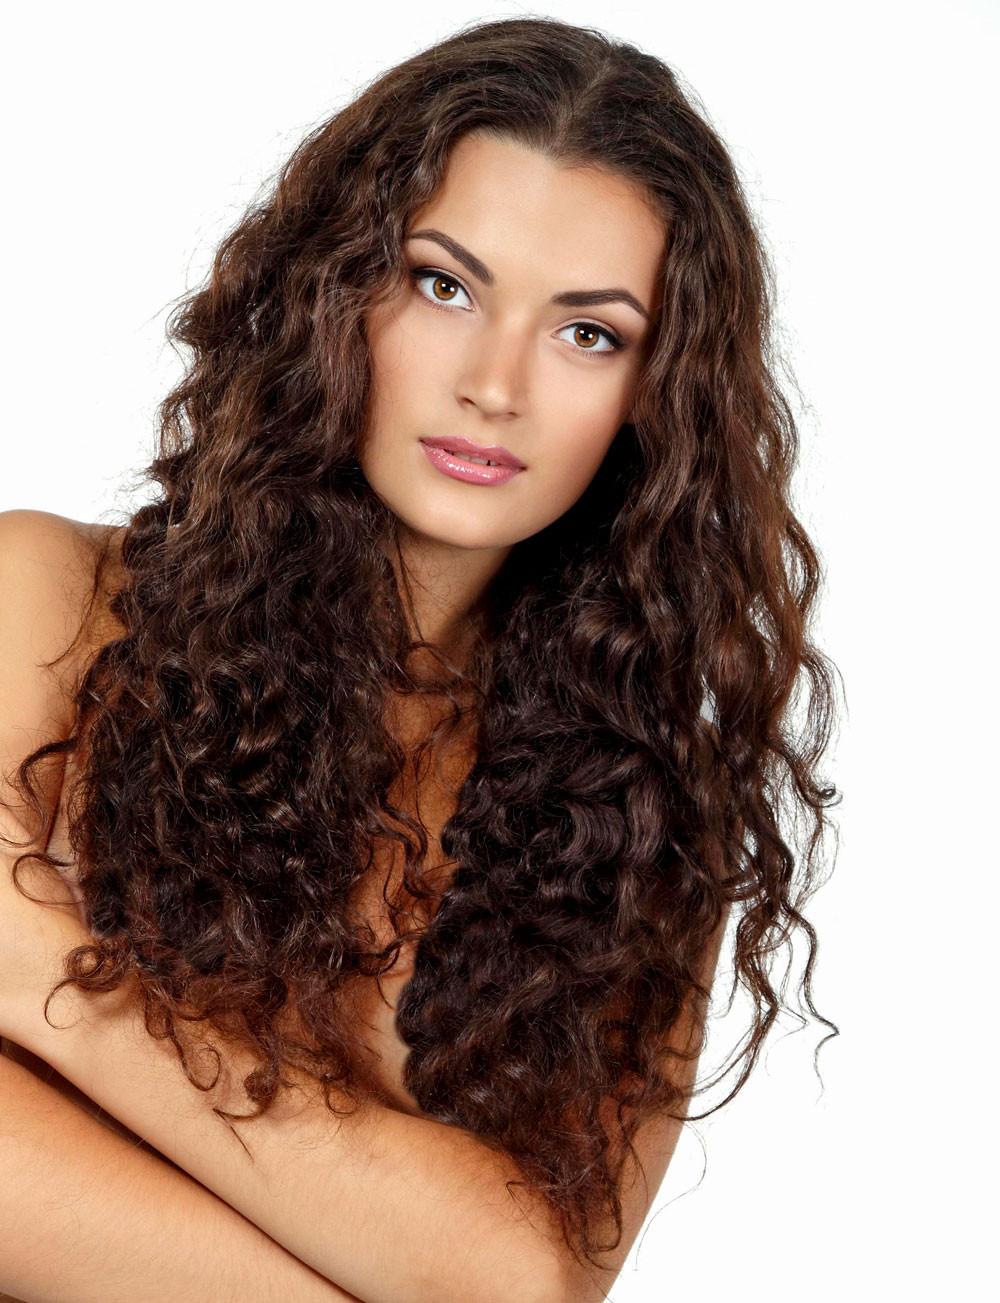 Schöne Frisuren Lange Haare  Einfache wilde Frisur mit Naturlocken